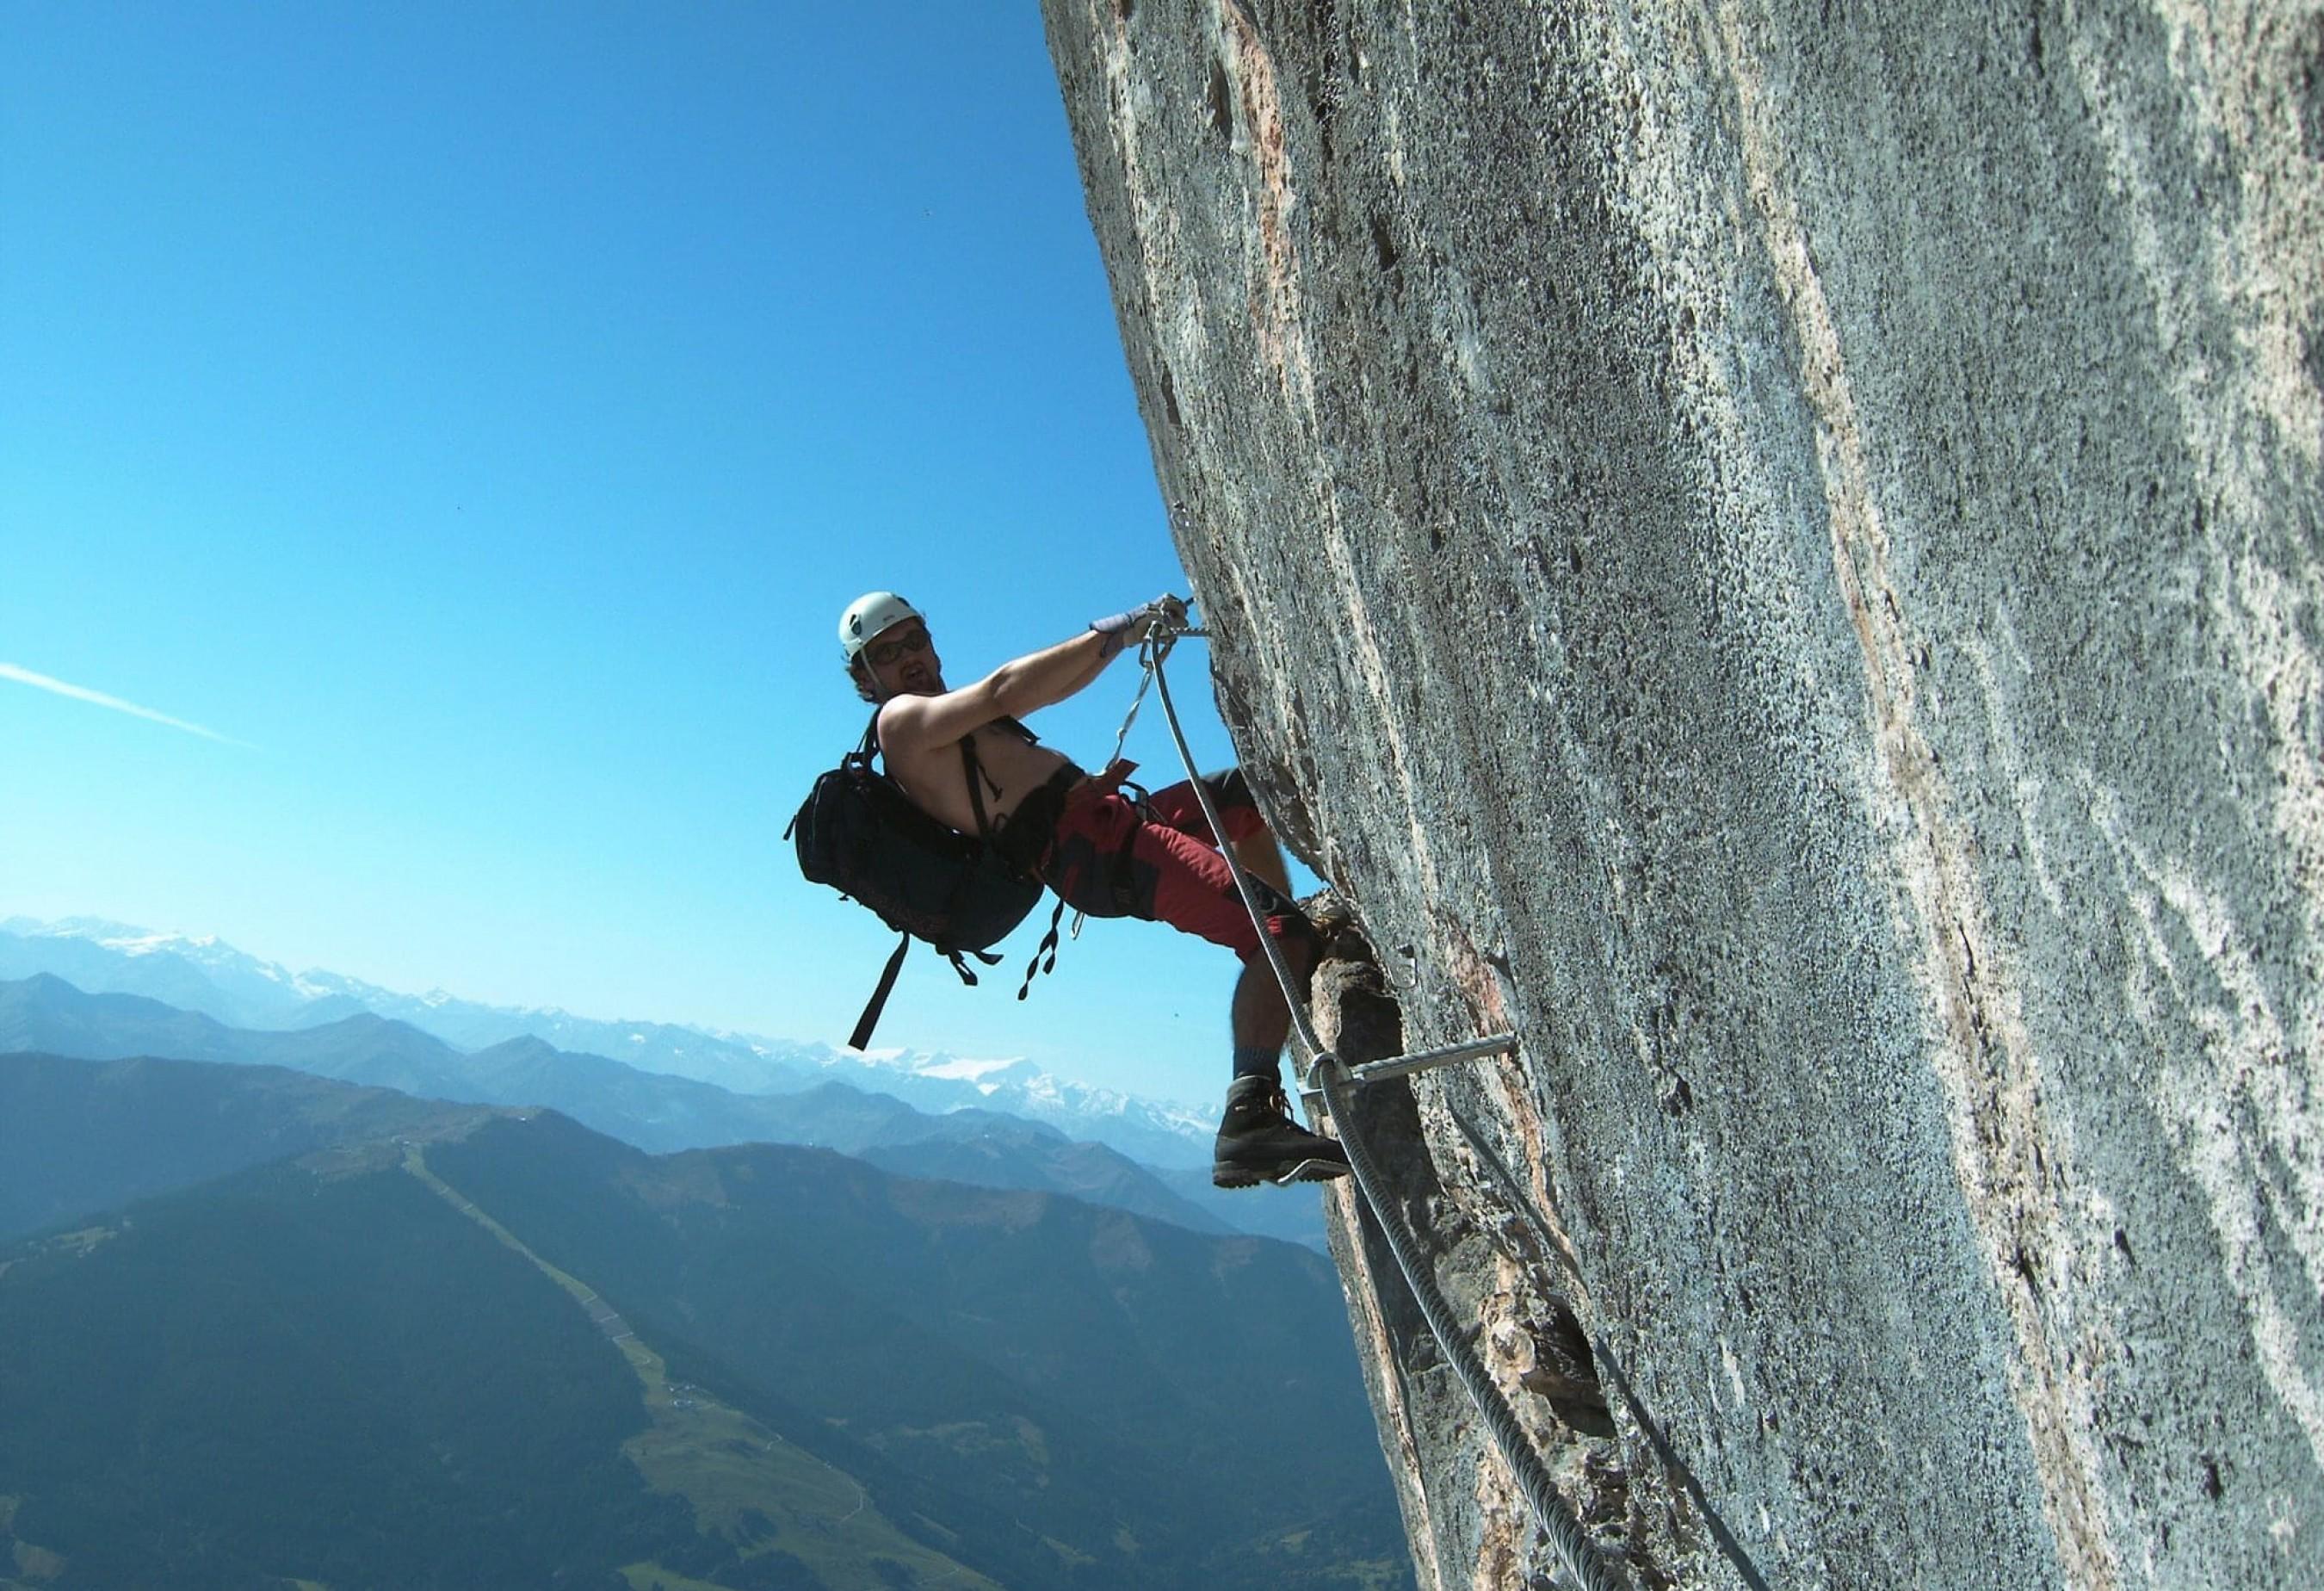 Klettersteig Kitzbühel : Klettersteige kitzalps guide st johann in tirol